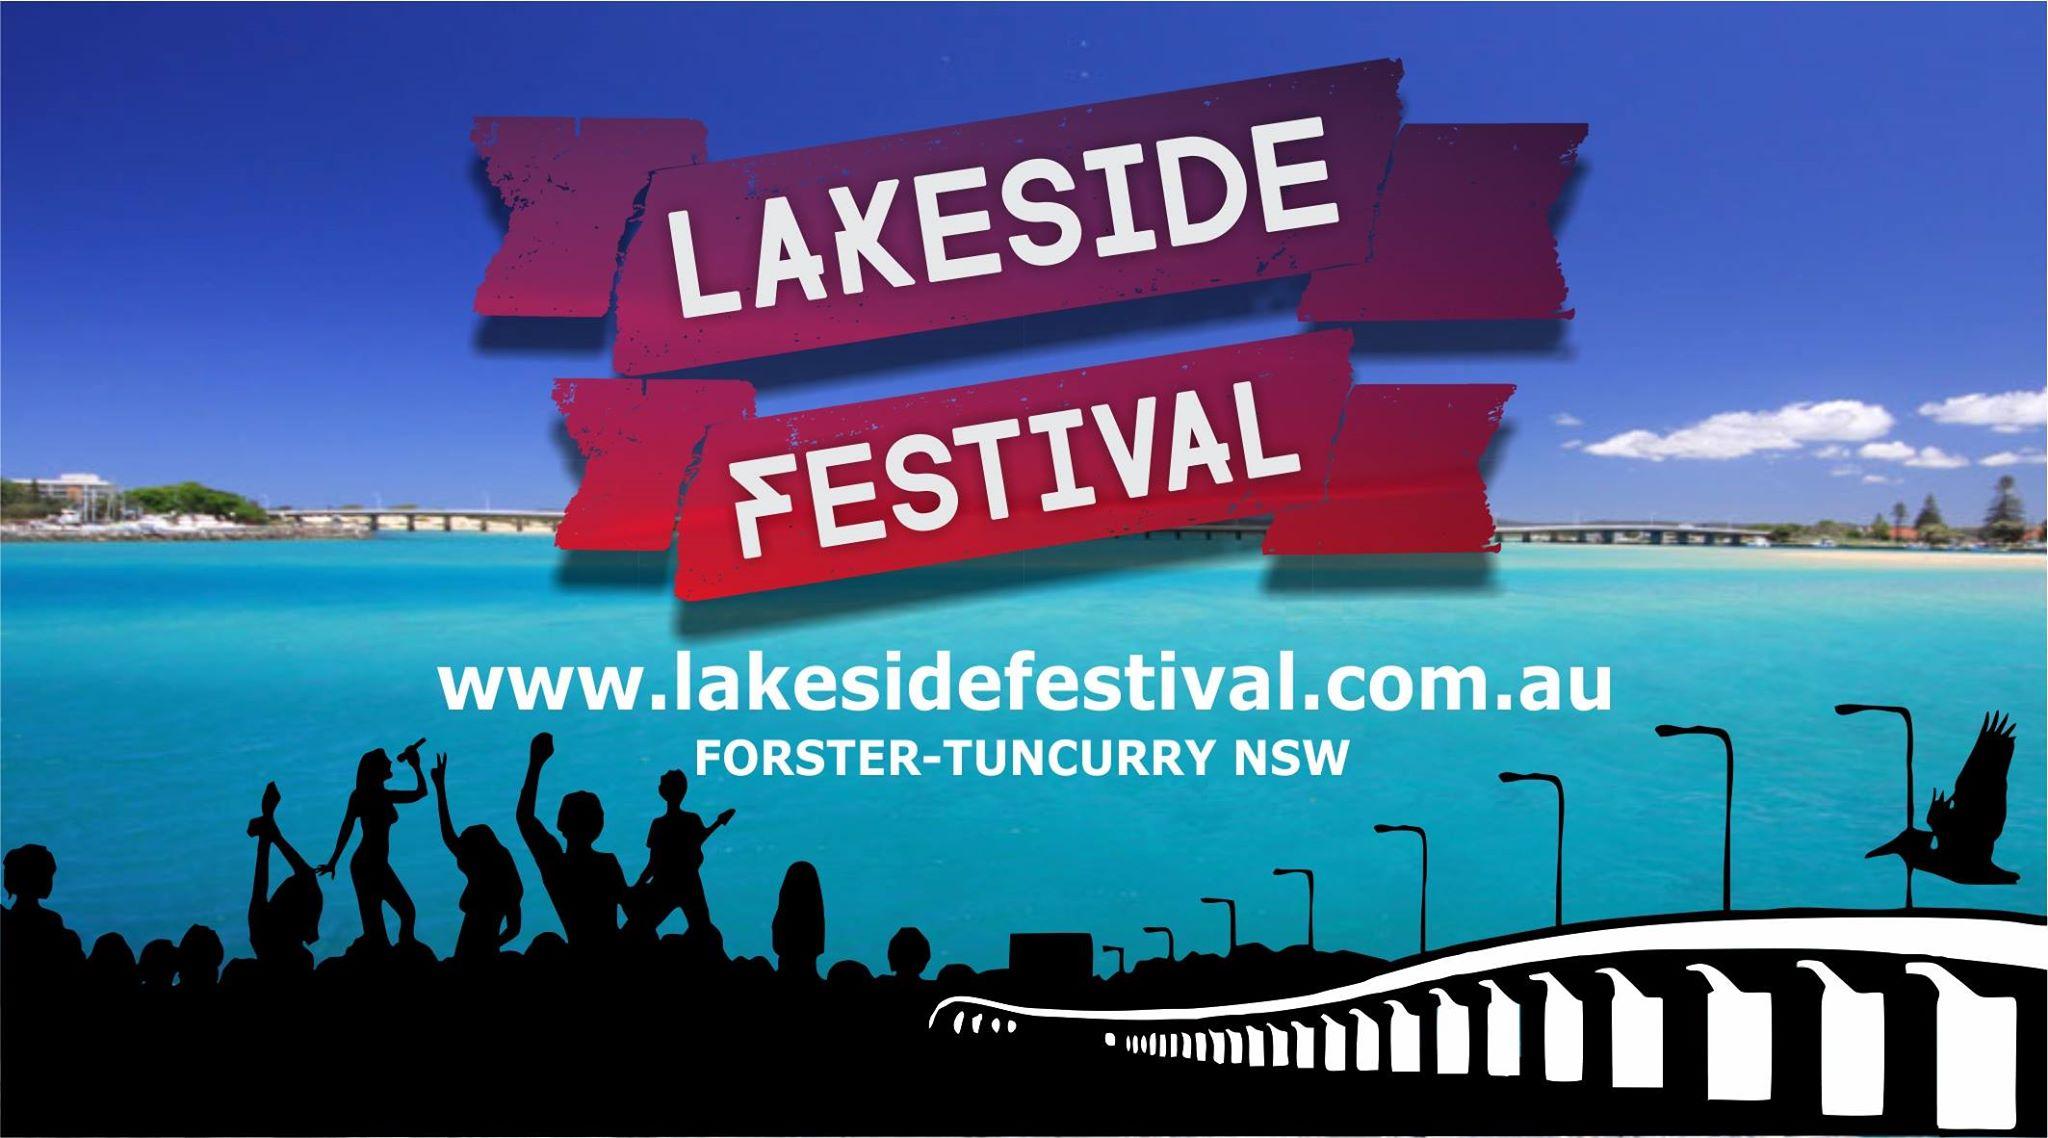 Lakeside Festival